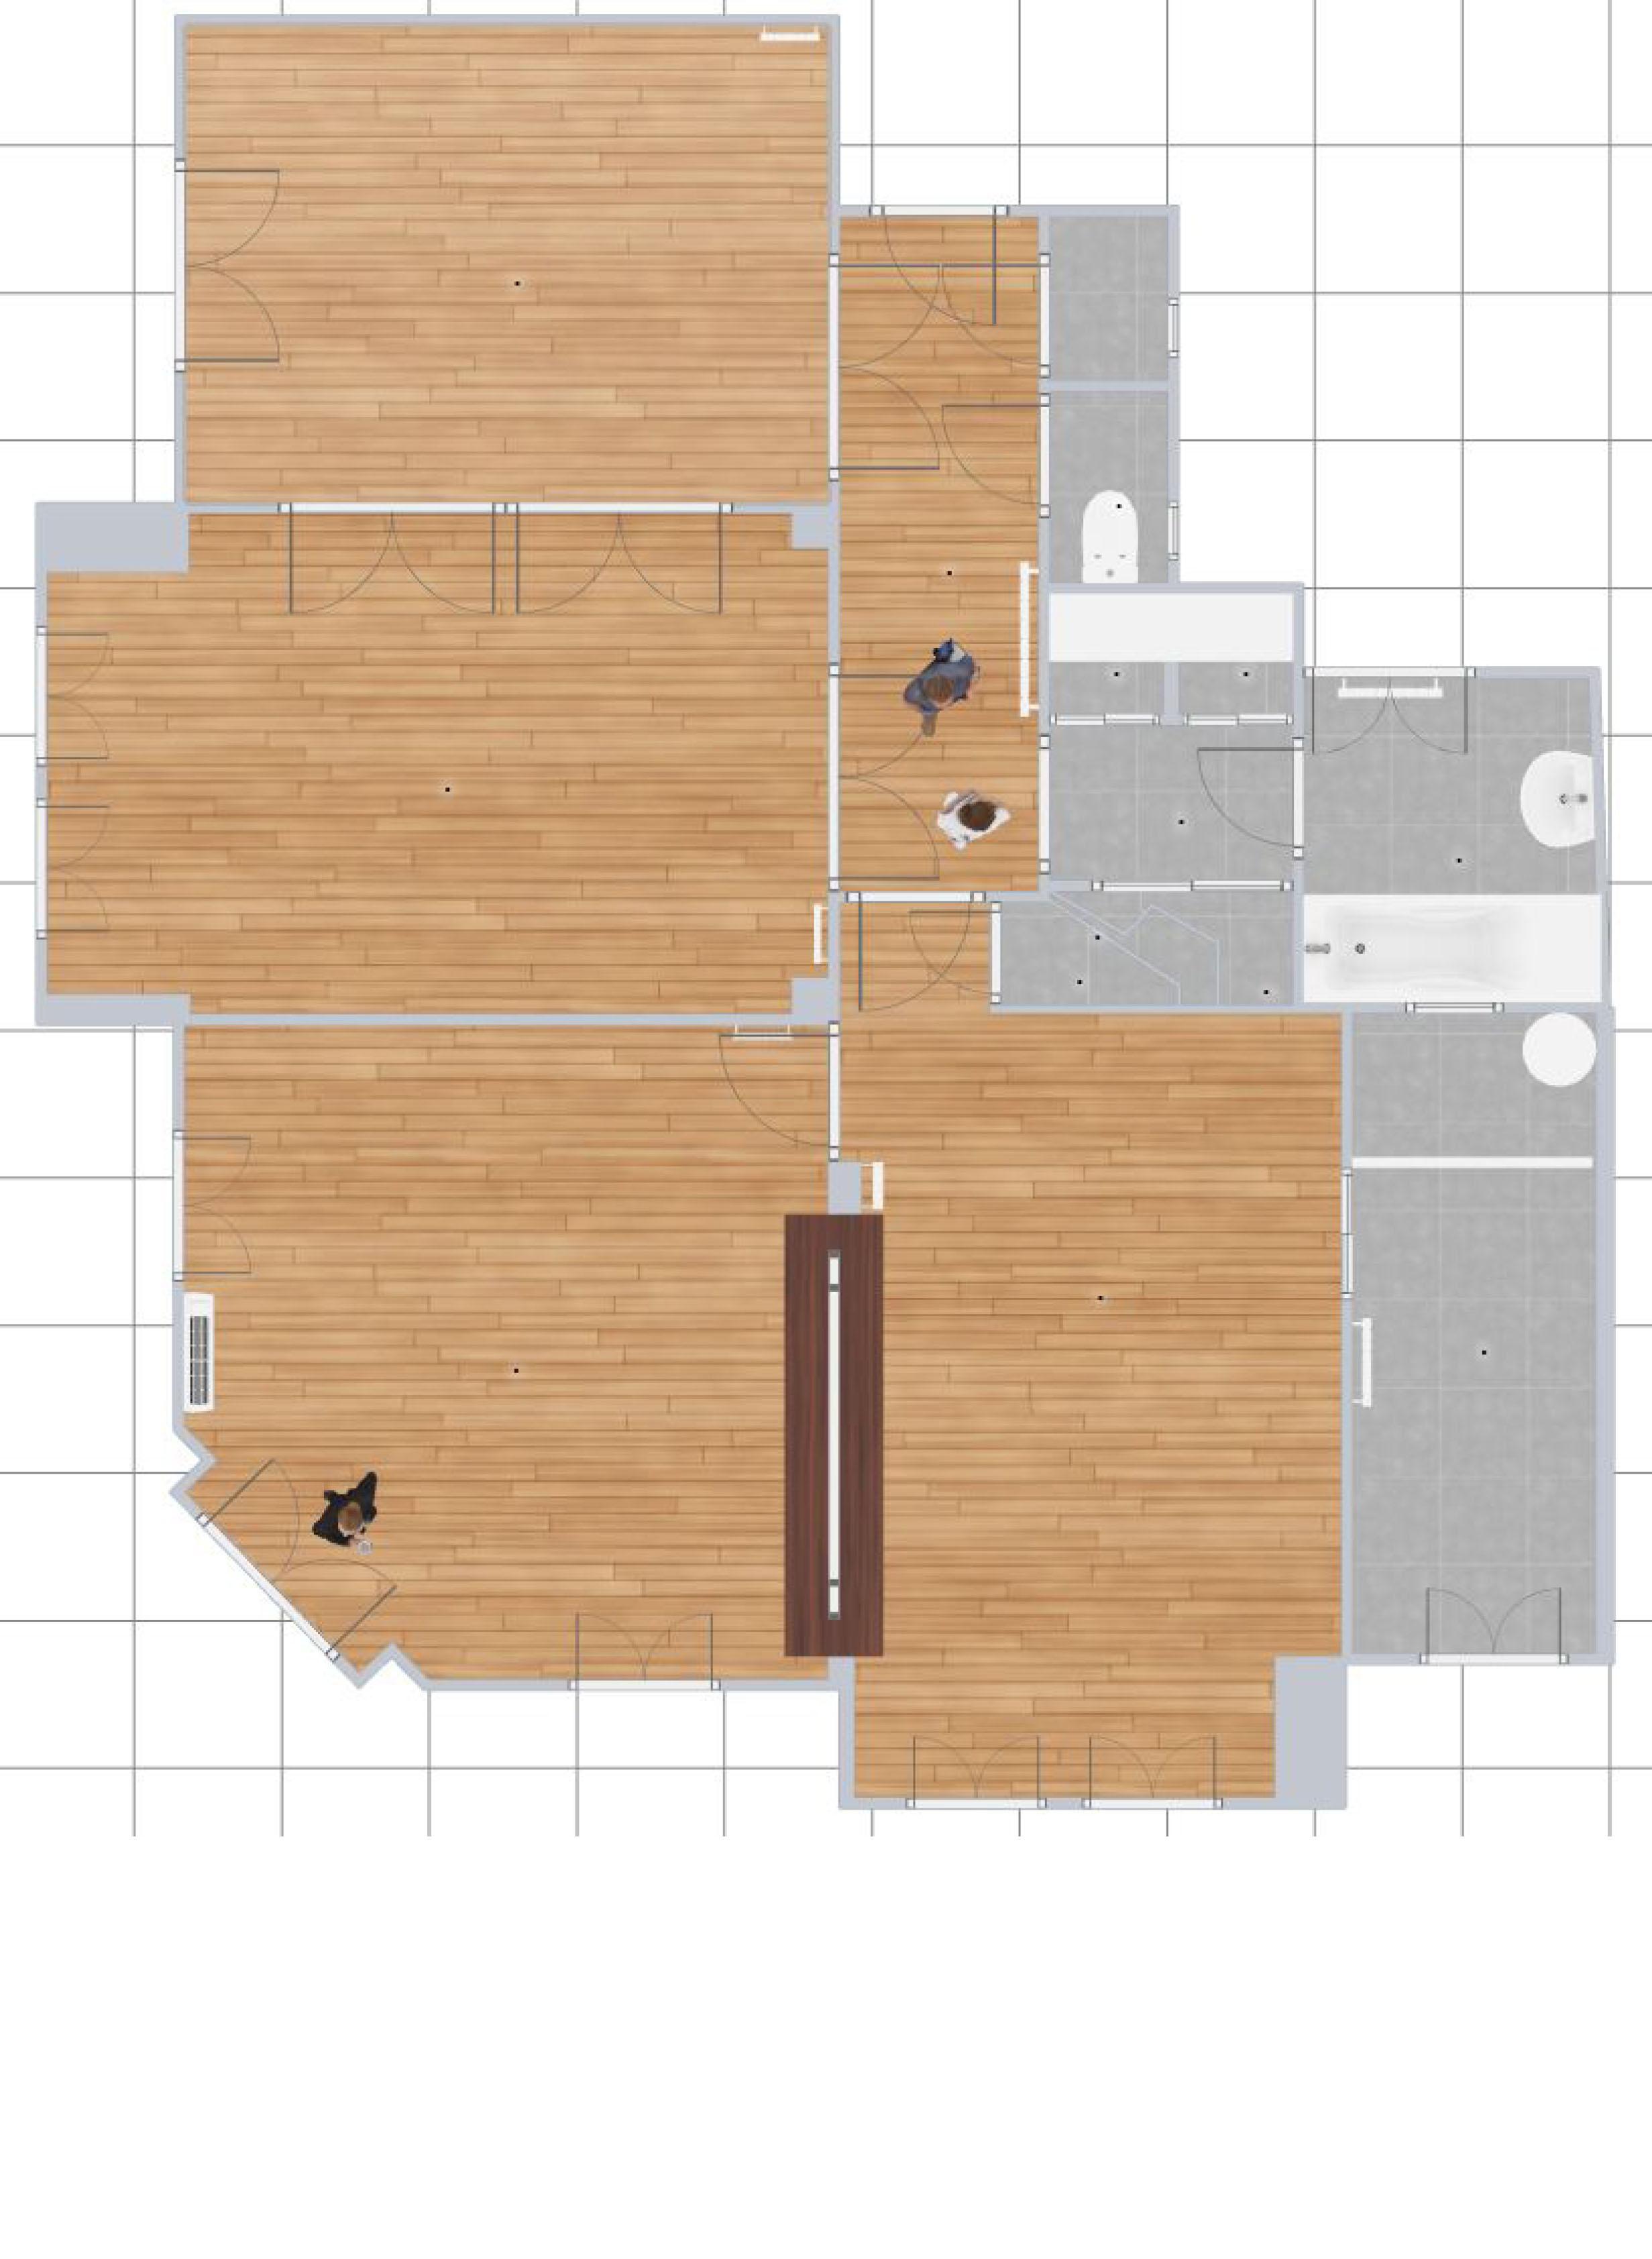 Plan etat des lieux